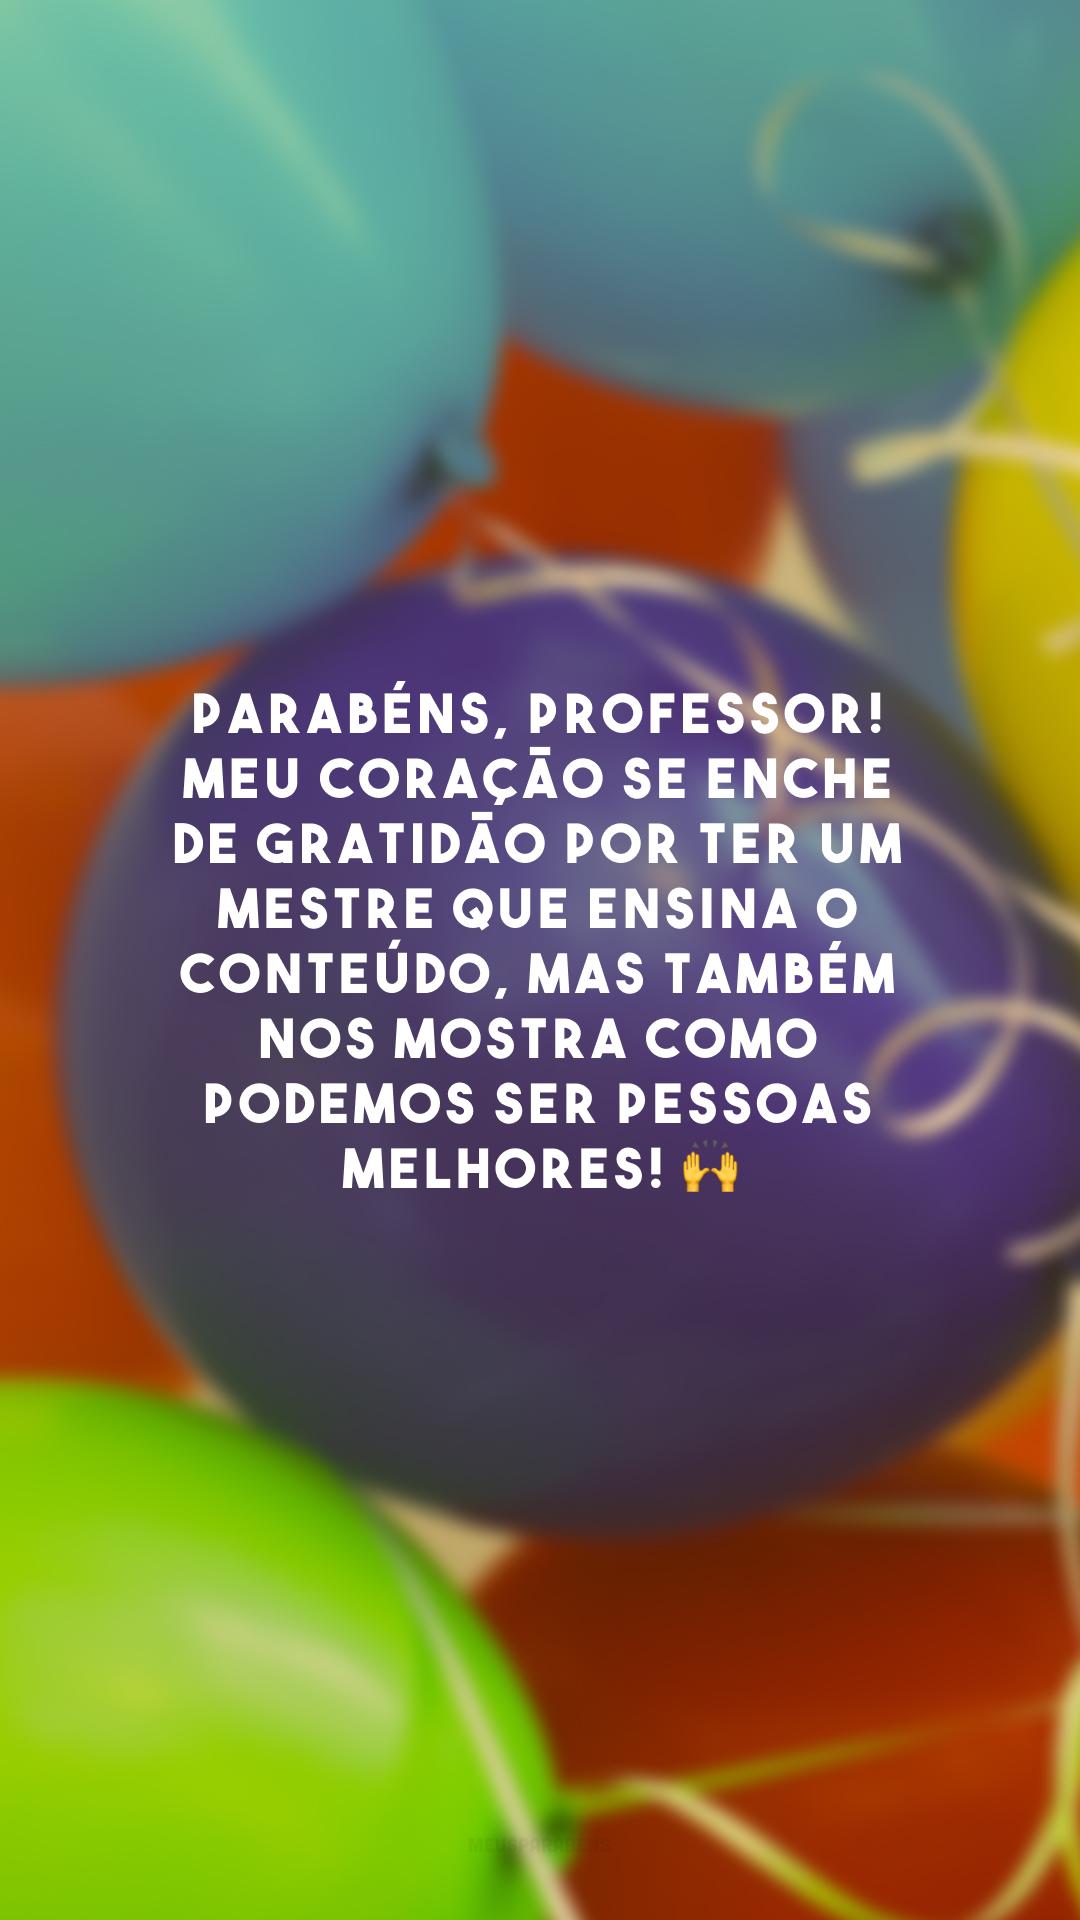 Parabéns, professor! Meu coração se enche de gratidão por ter um mestre que ensina o conteúdo, mas também nos mostra como podemos ser pessoas melhores! 🙌